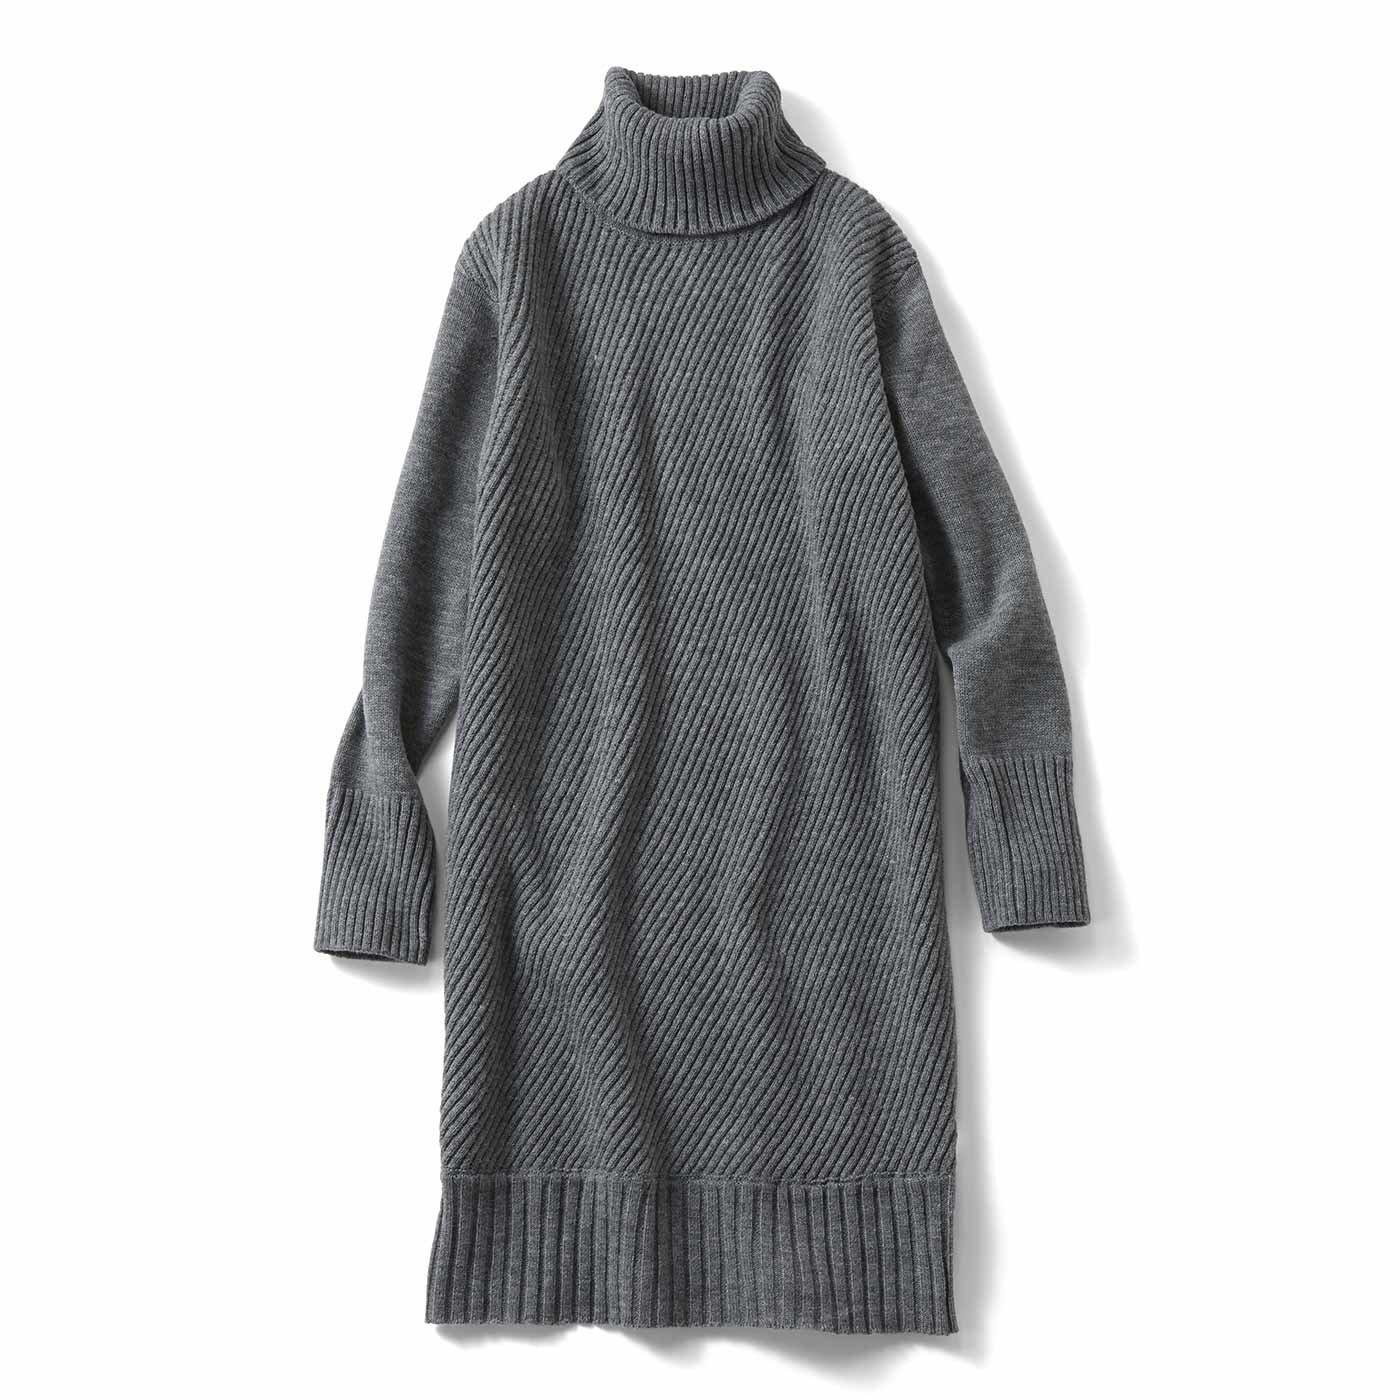 IEDIT[イディット] 斜めの編み地で着やせ ニットチュニックワンピース〈杢(もく)グレー〉